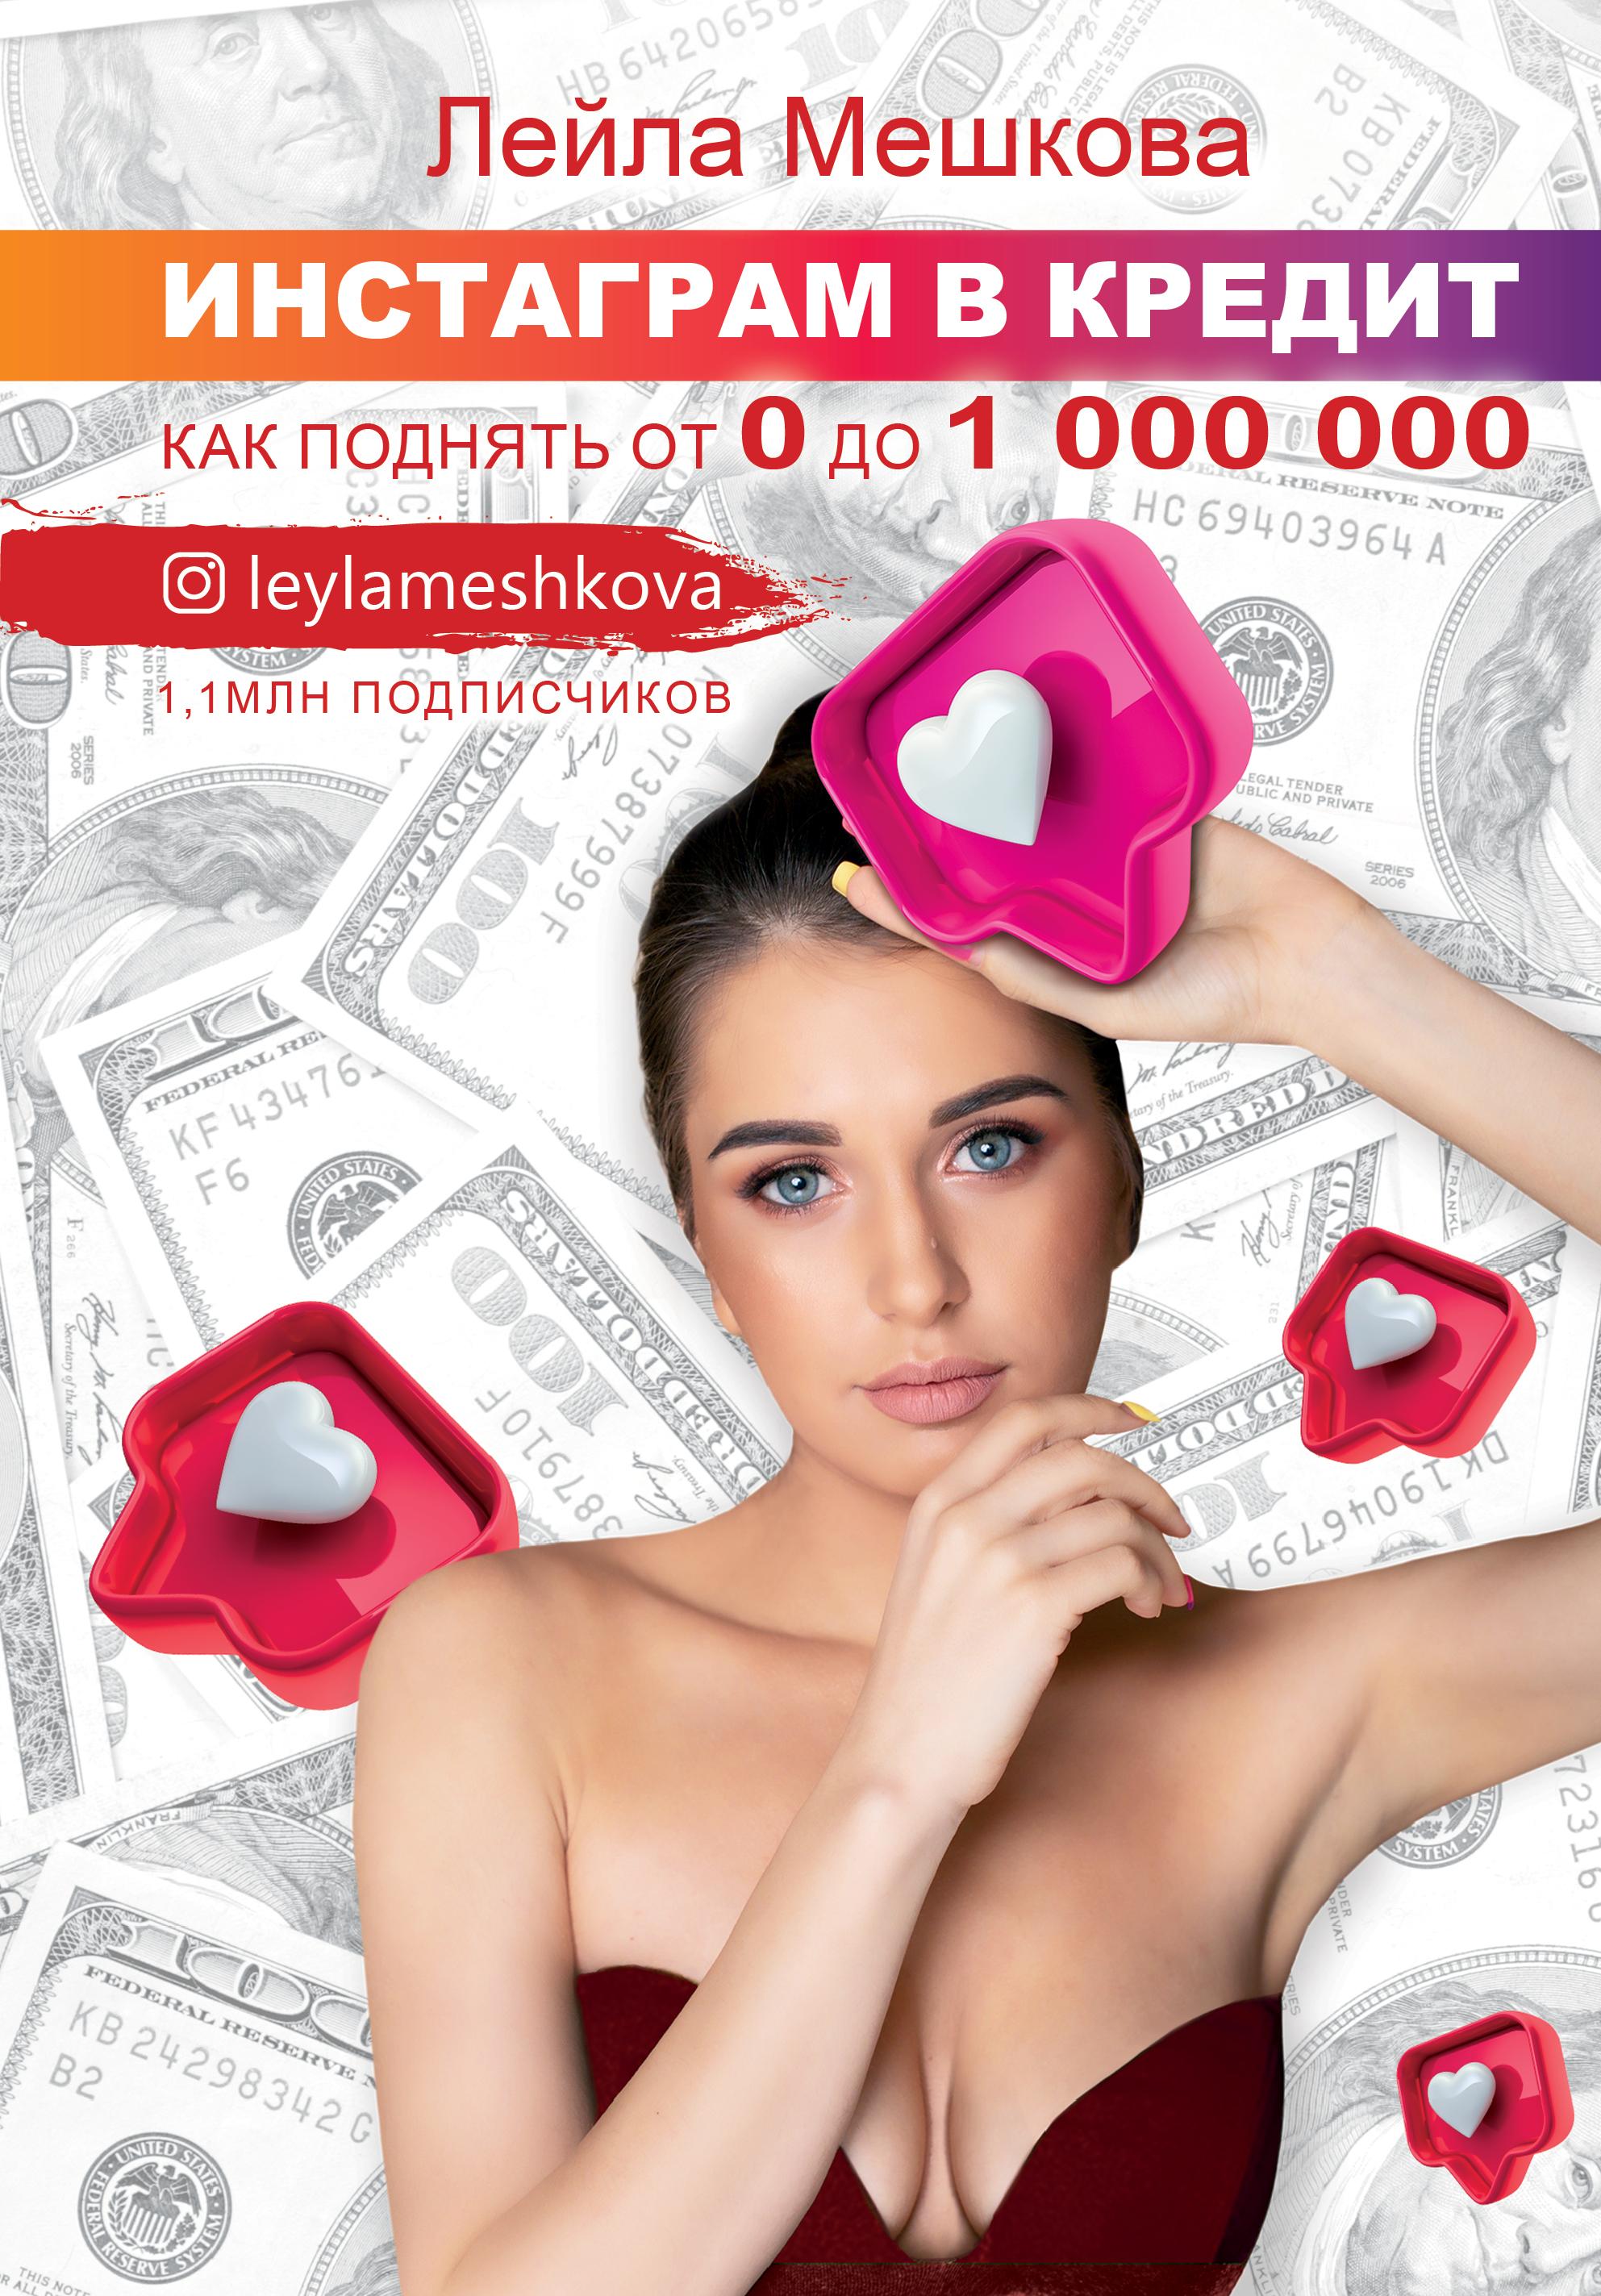 Инстаграм в кредит: как поднять от 0 до 1000000